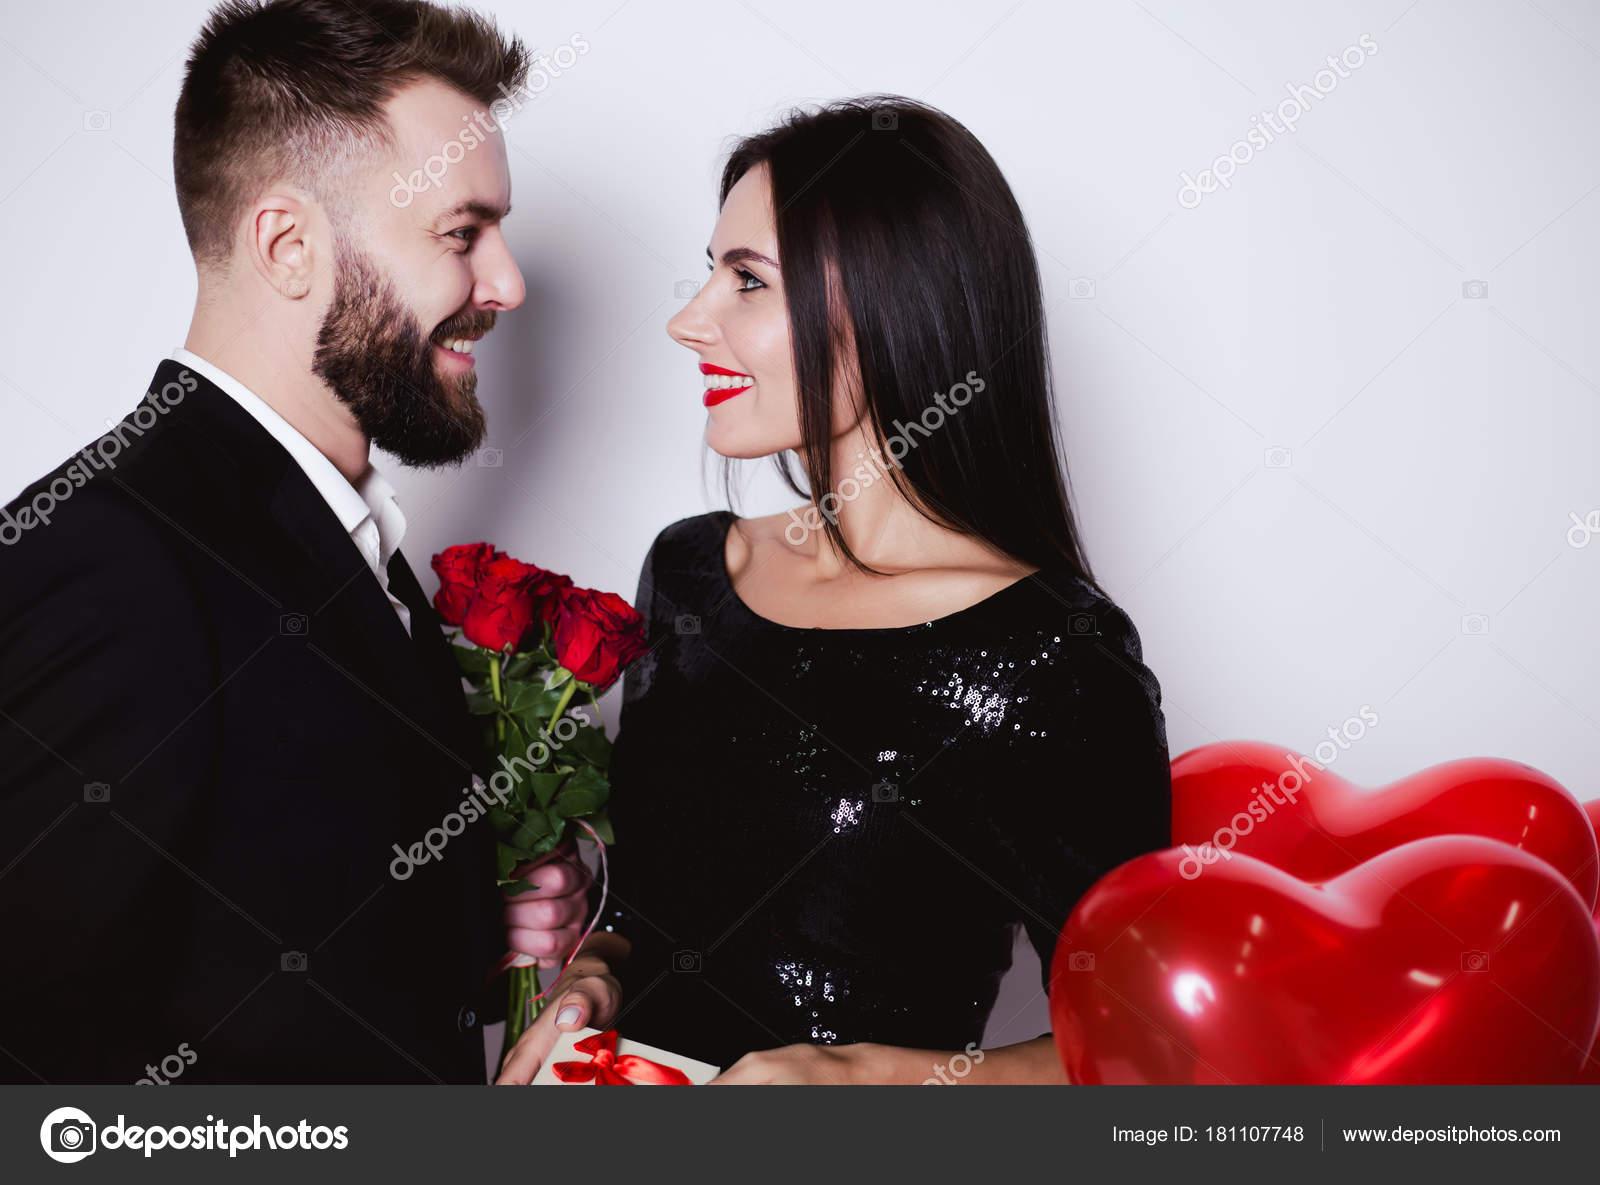 man gratulerar Jag Gratulerar Semester Älskare Ler Man Ger Blommor Och Present  man gratulerar